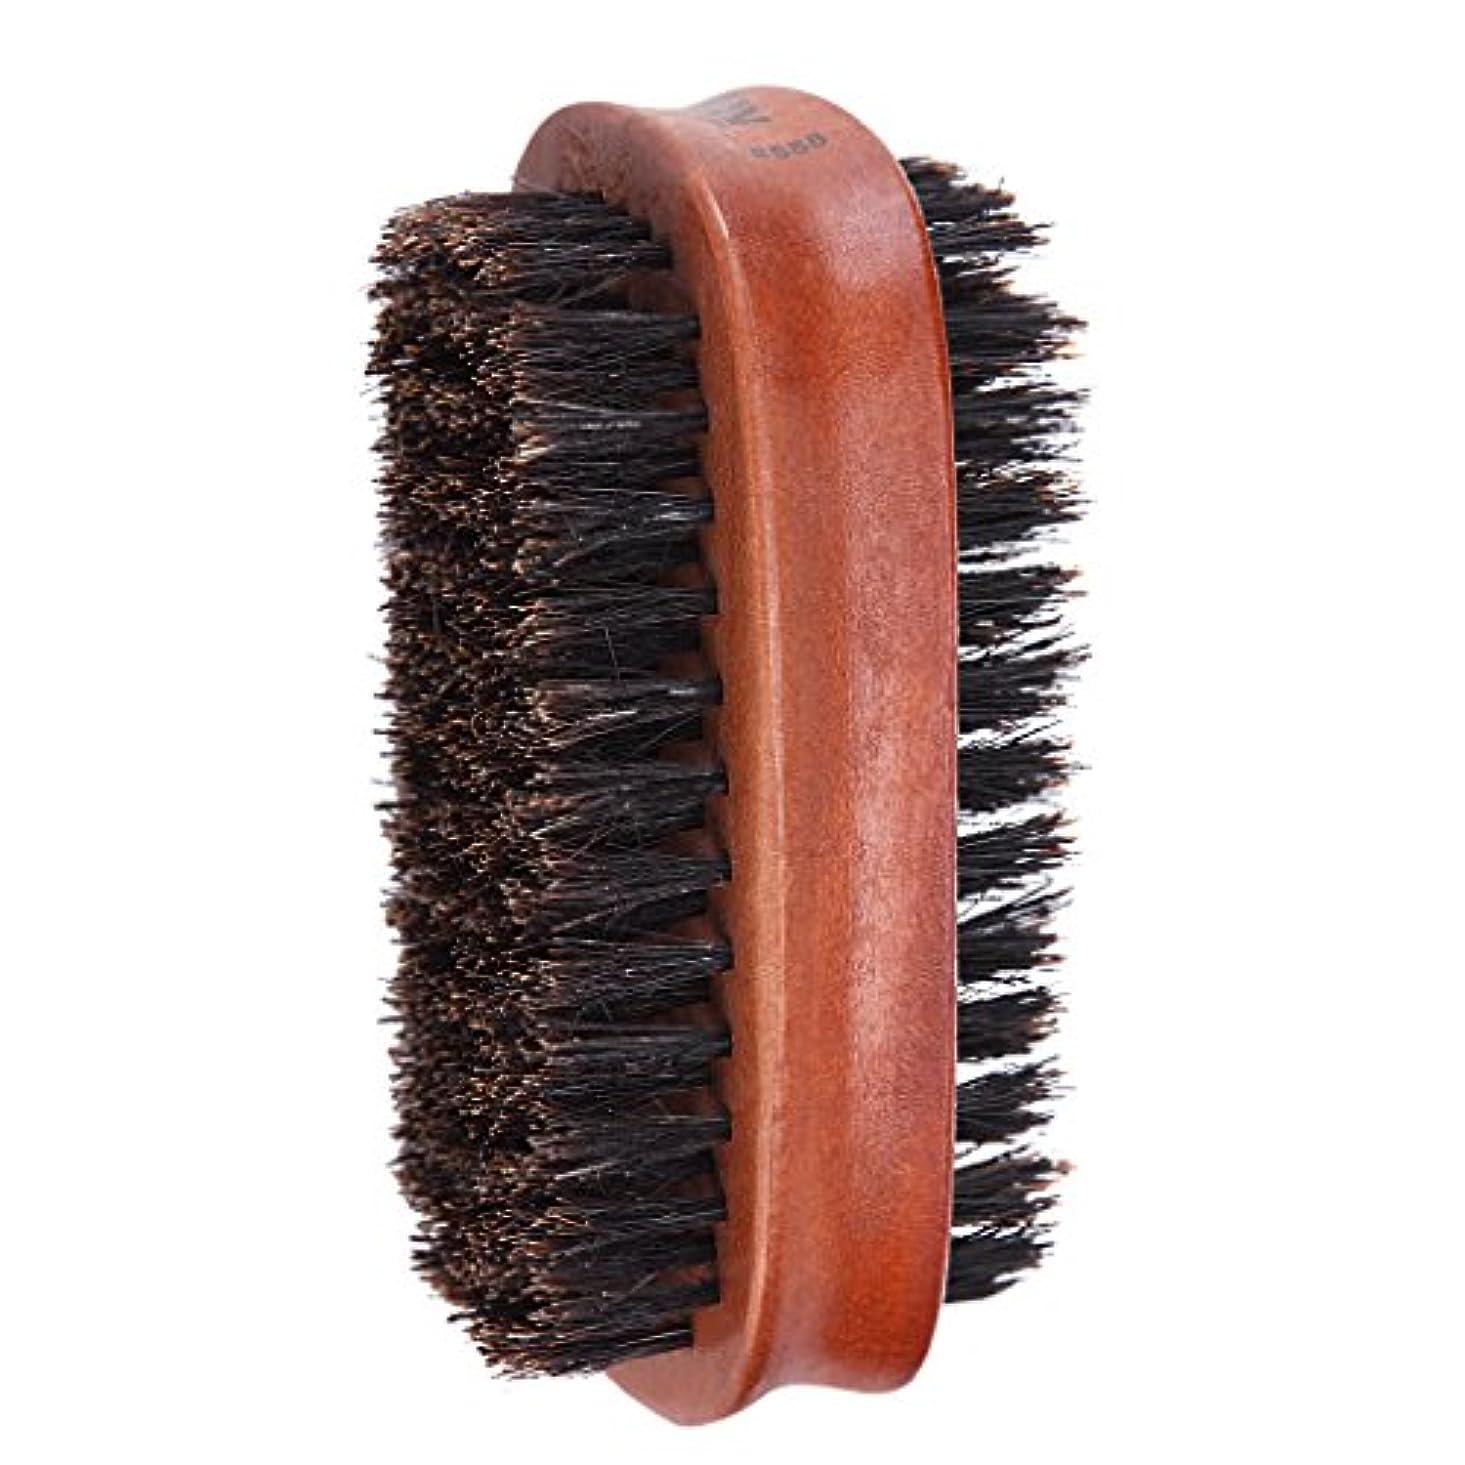 あえぎバンドル裸Toygogo ヘアブラシ 両面ブラシ 男性 髭 口ひげ グルーミングブラシ ブリストルブラシ